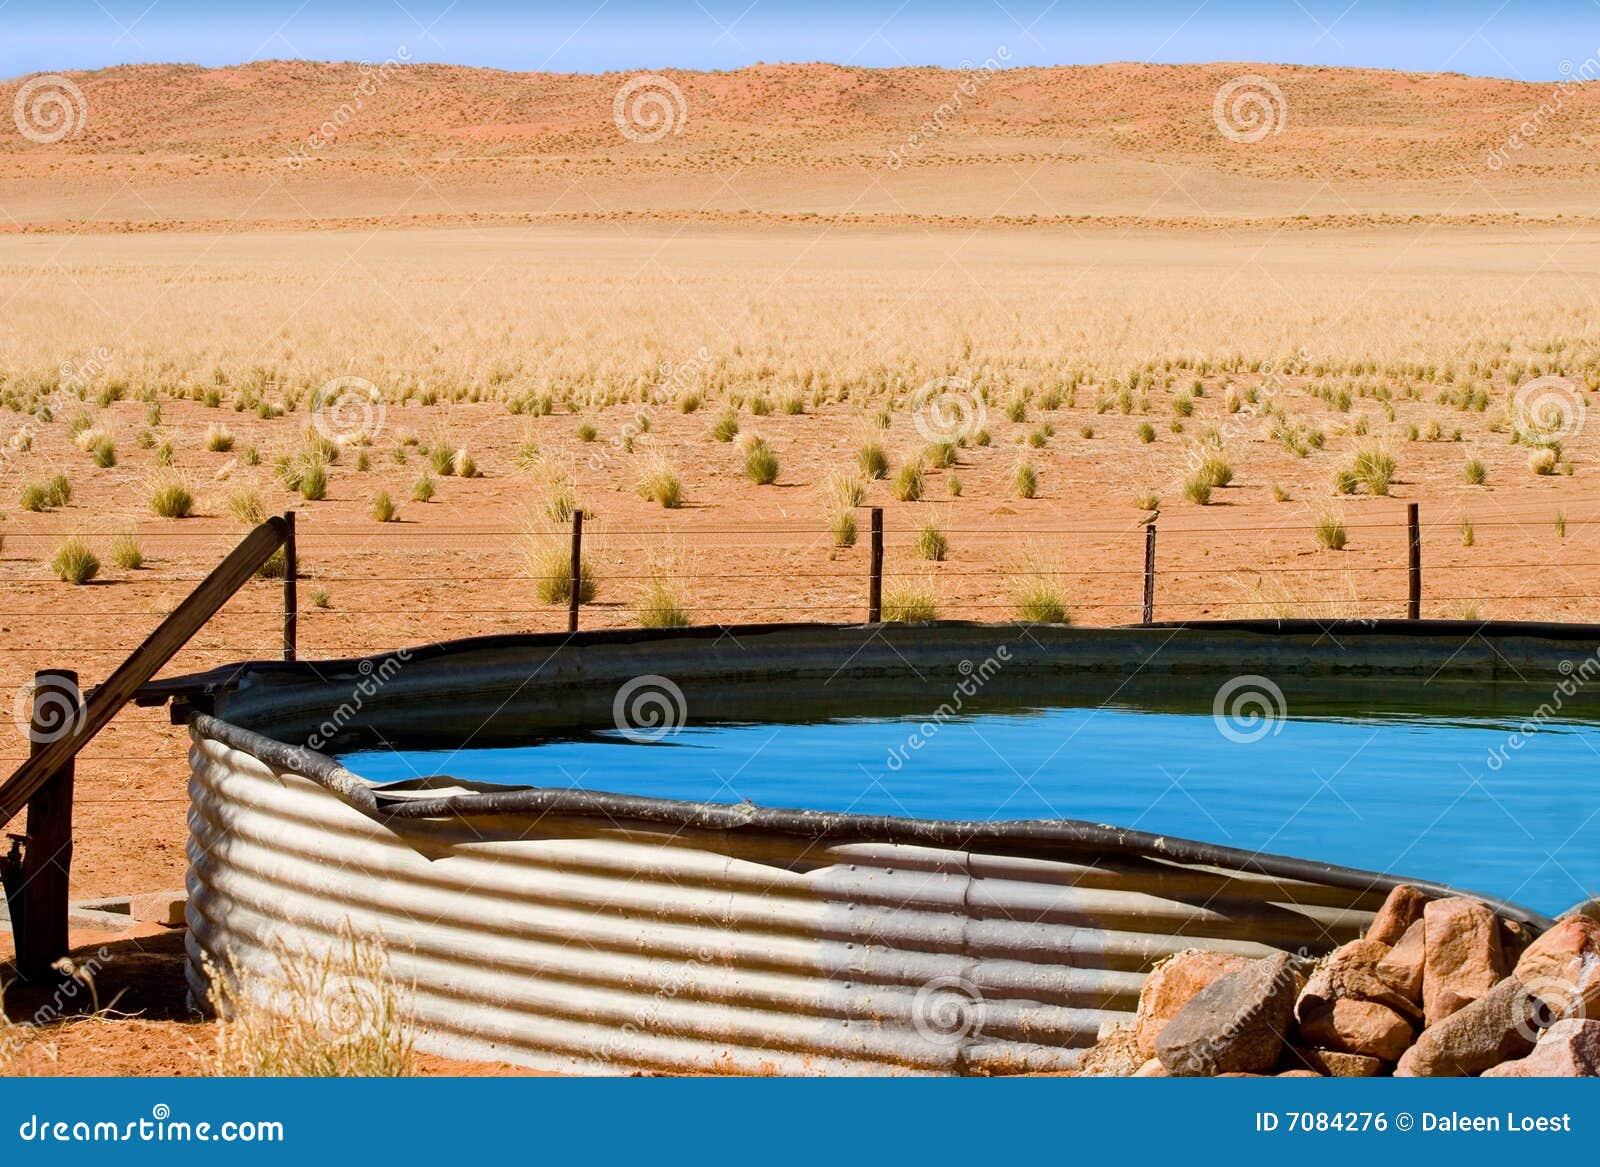 Corrugated Iron Dam On Desert Farm Stock Photo Image Of